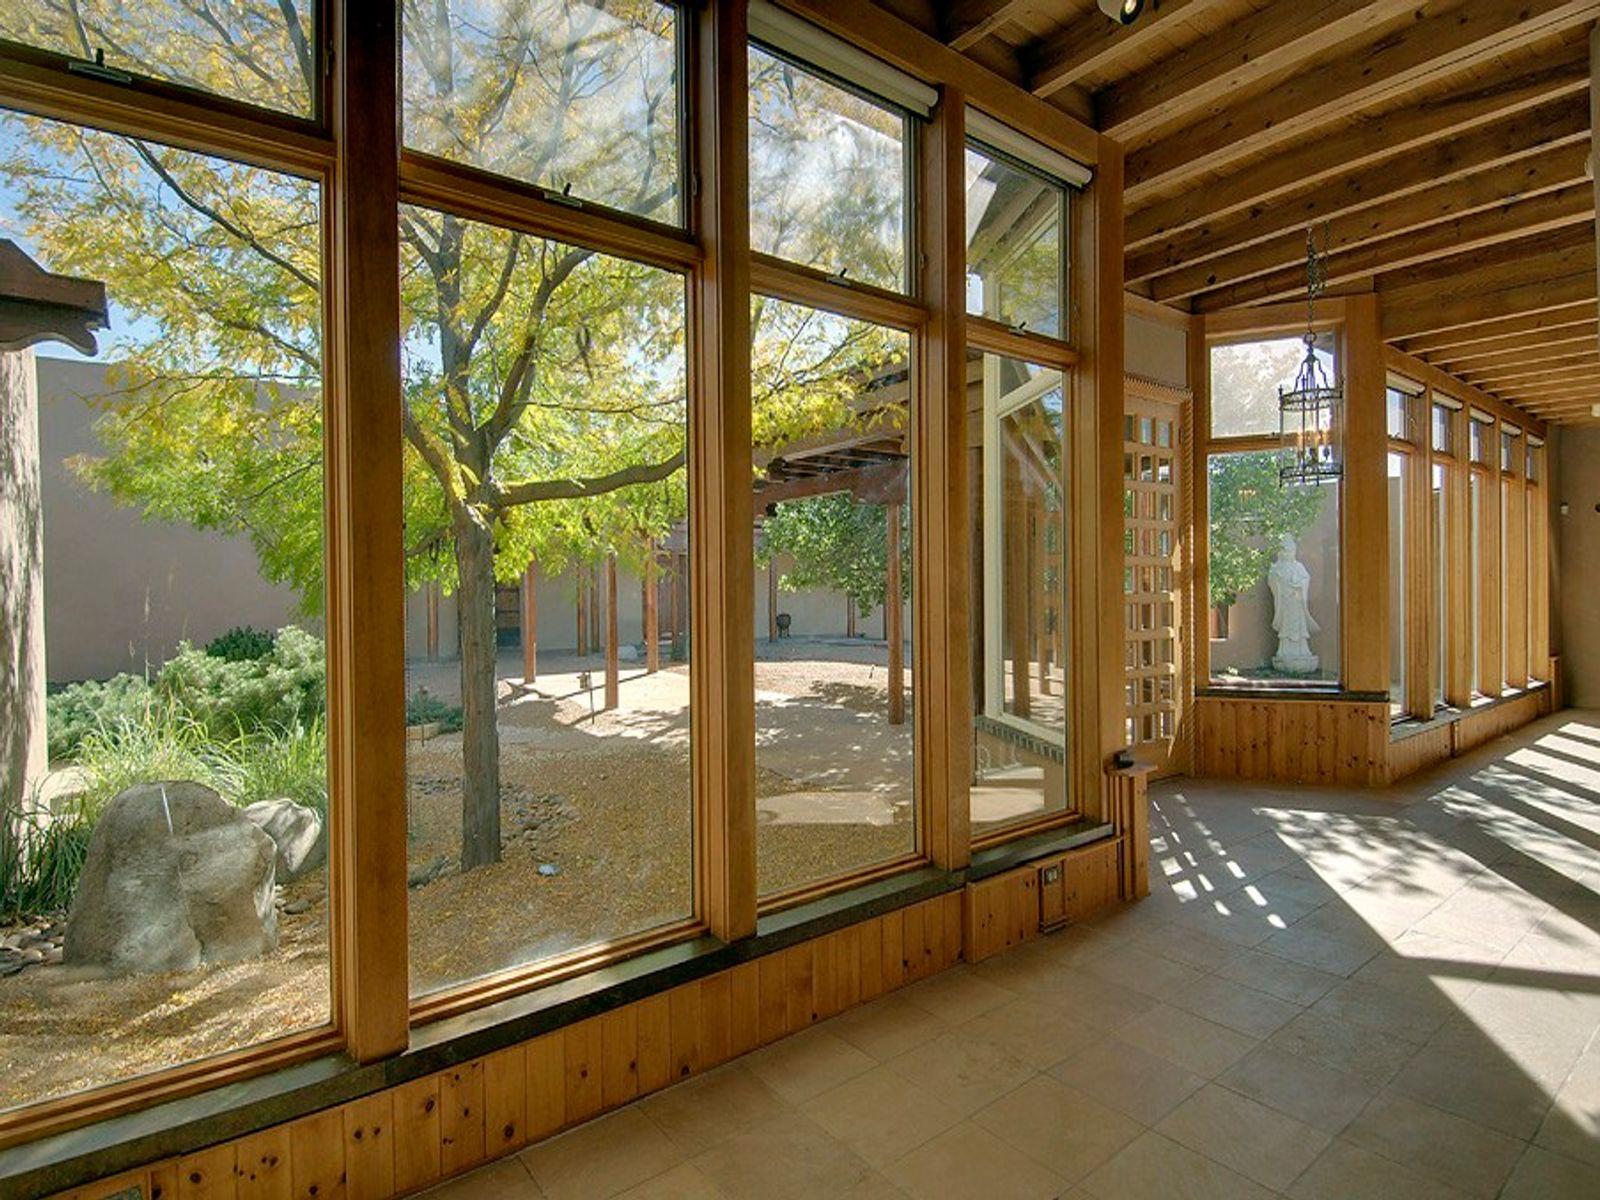 Entry Hallway/Foyer